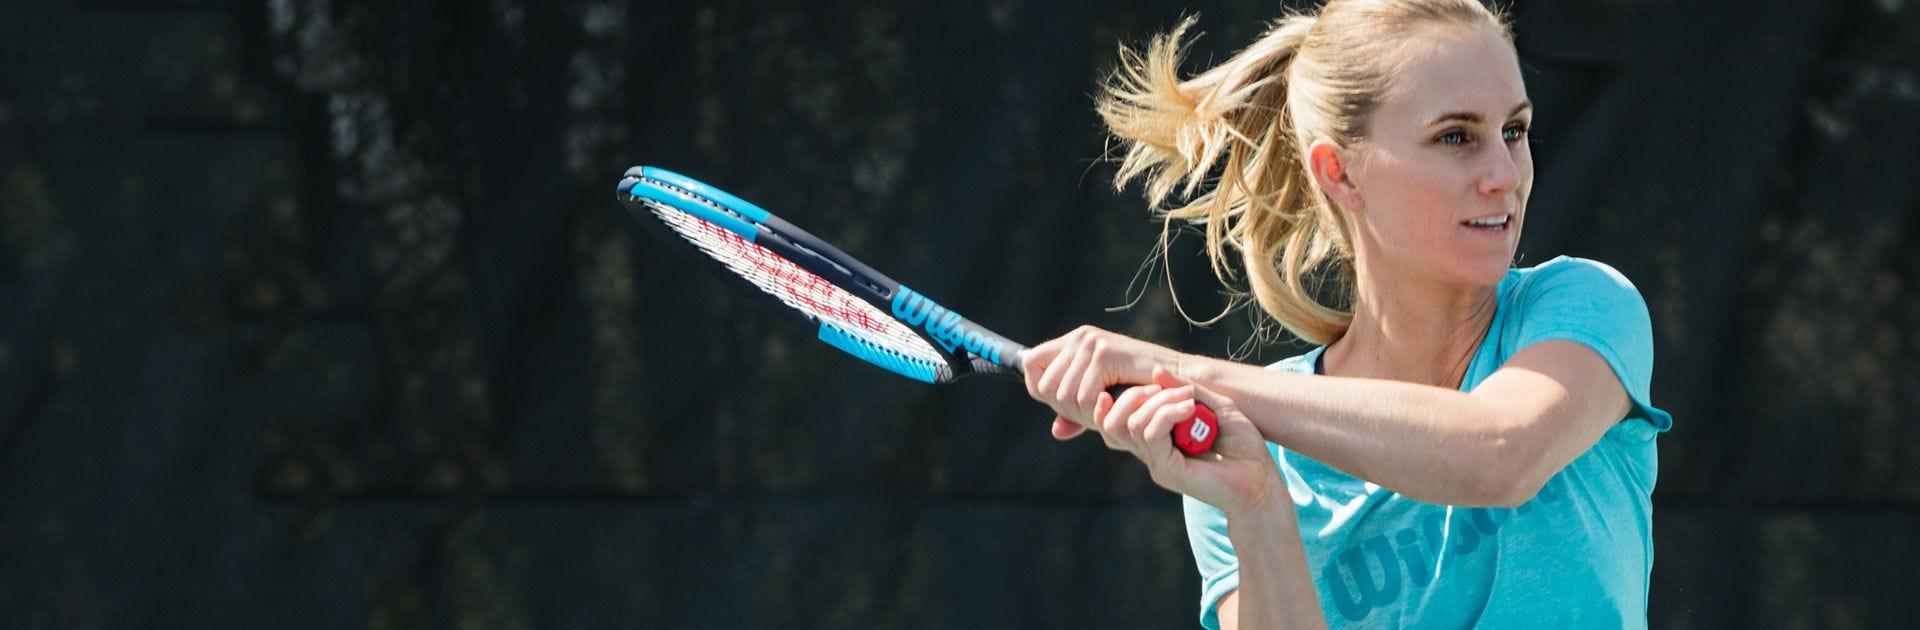 Tennis Racket Advisor | Wilson Sporting Goods